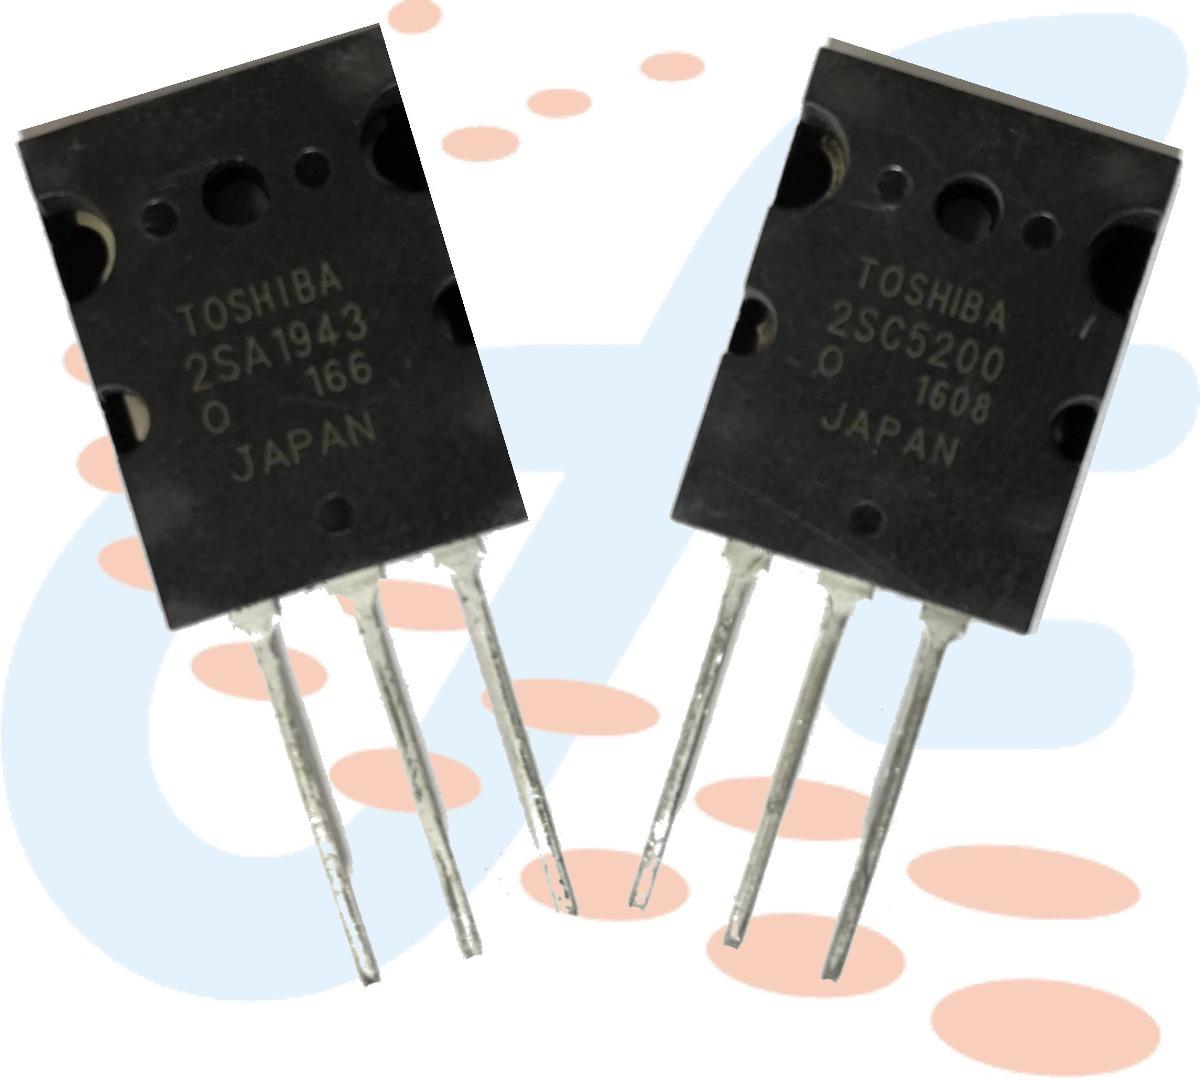 Transistor 2sc5200 Y 2sa1943 Toshiba Originales Por Unidad Bs 469 And High Fidelity Power Cargando Zoom